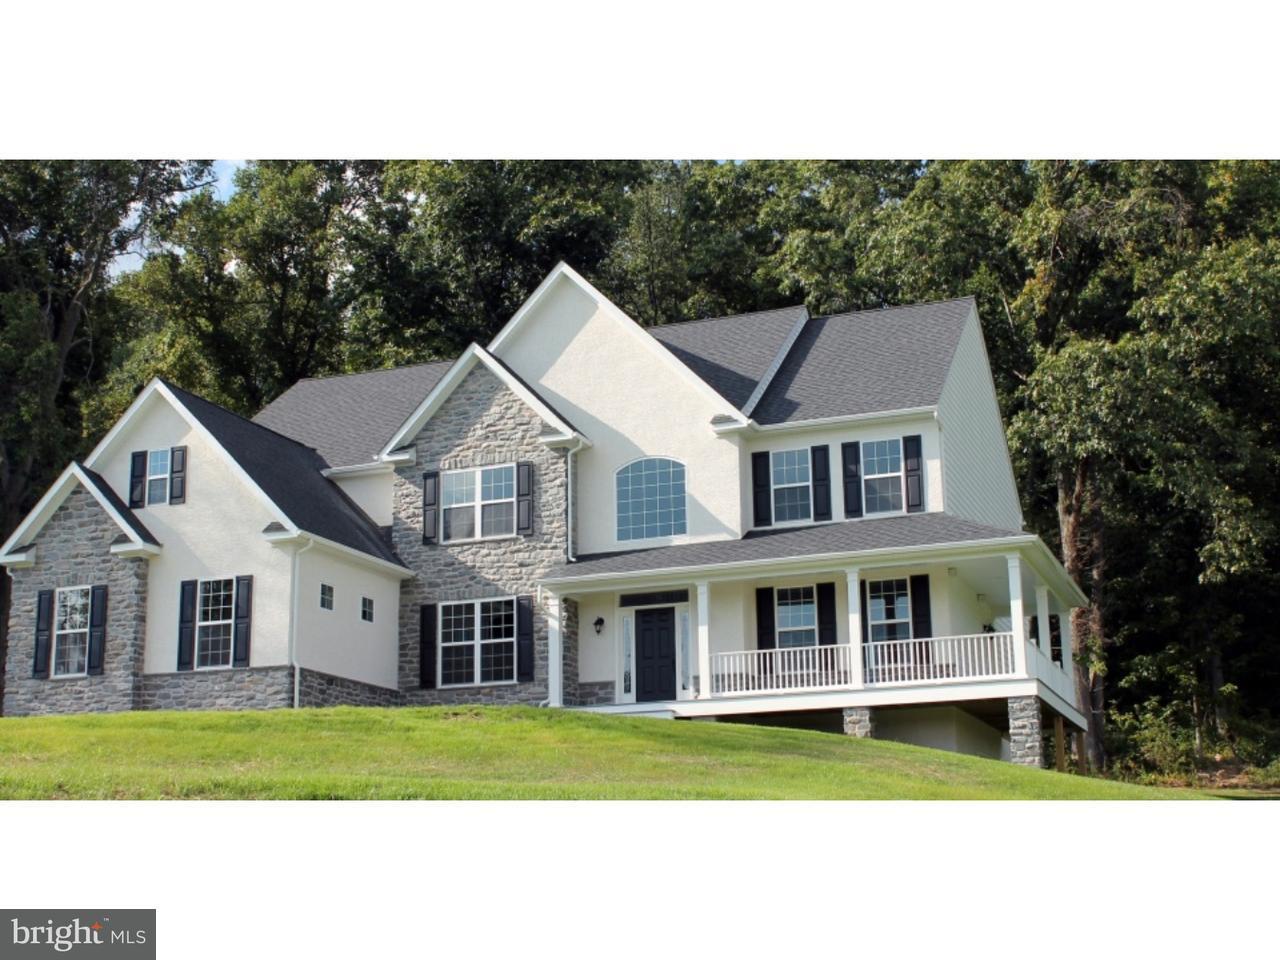 独户住宅 为 销售 在 11-5-44 EASTON Road Kintnersville, 宾夕法尼亚州 18930 美国